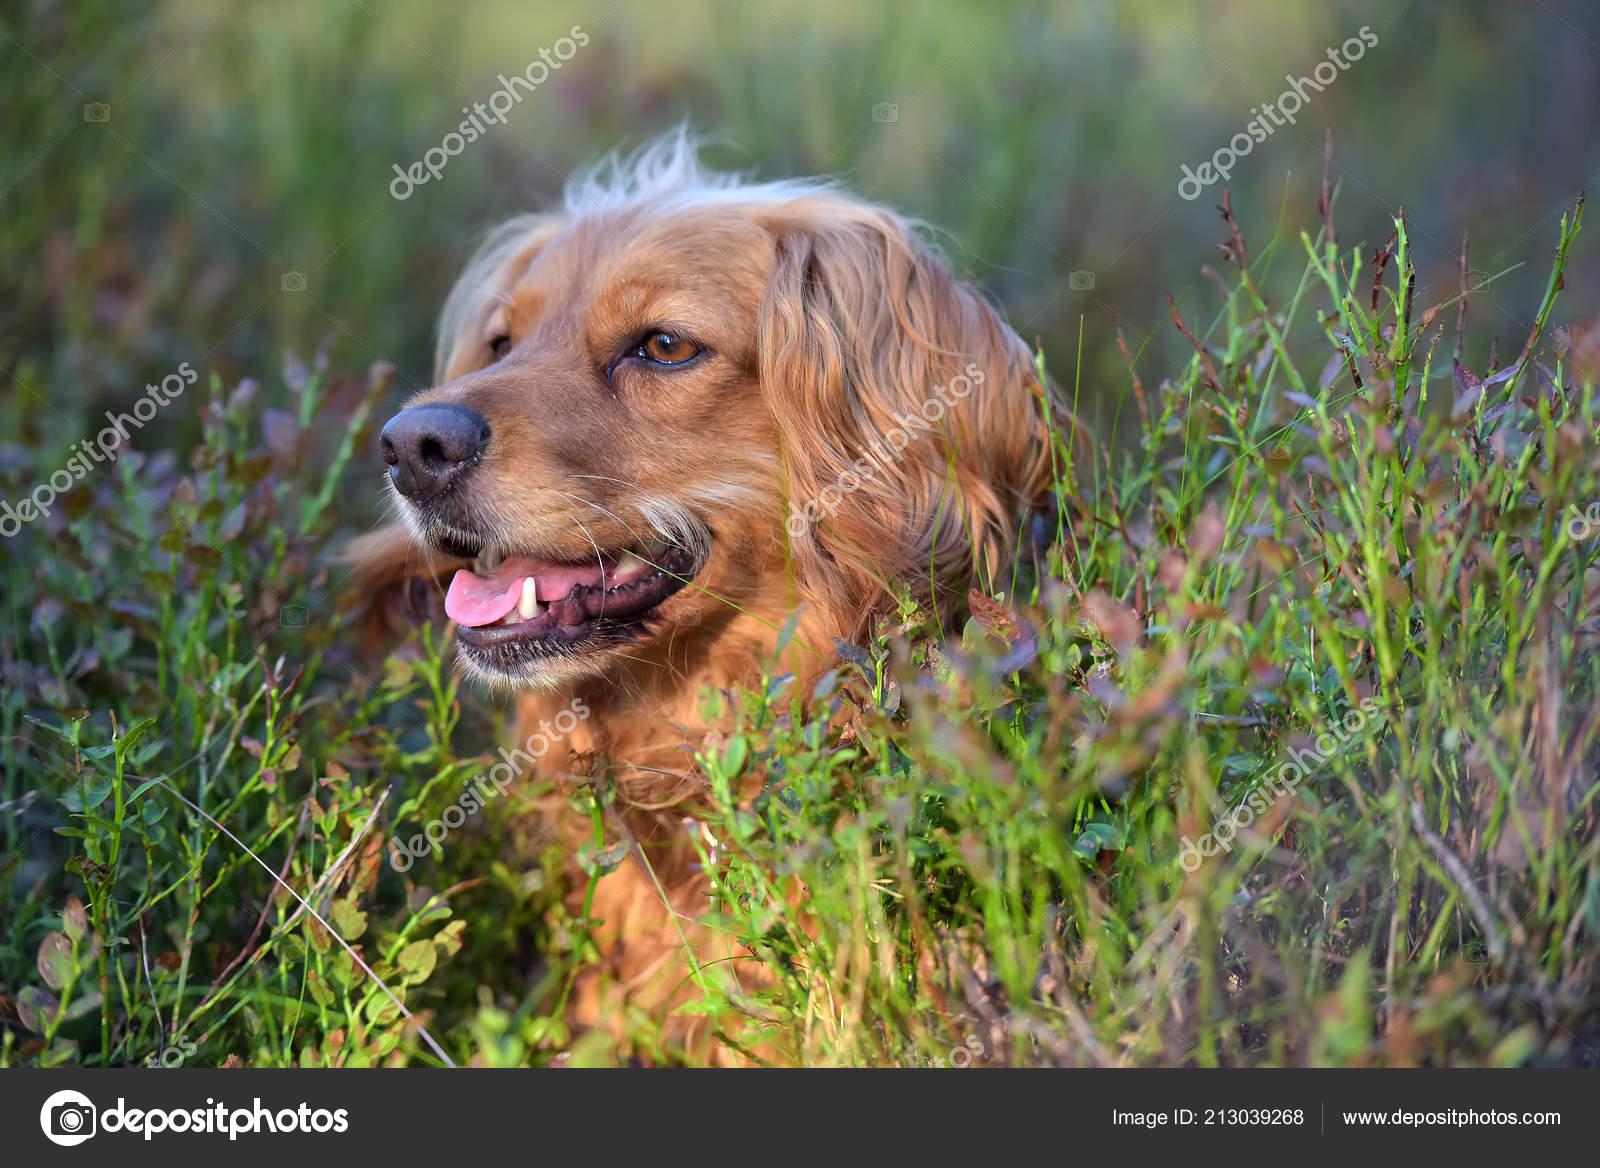 d8c83b15f69 Krásný Zrzavý Anglický Kokršpaněl Lese Mezi Keři Borůvkový — Stock  fotografie